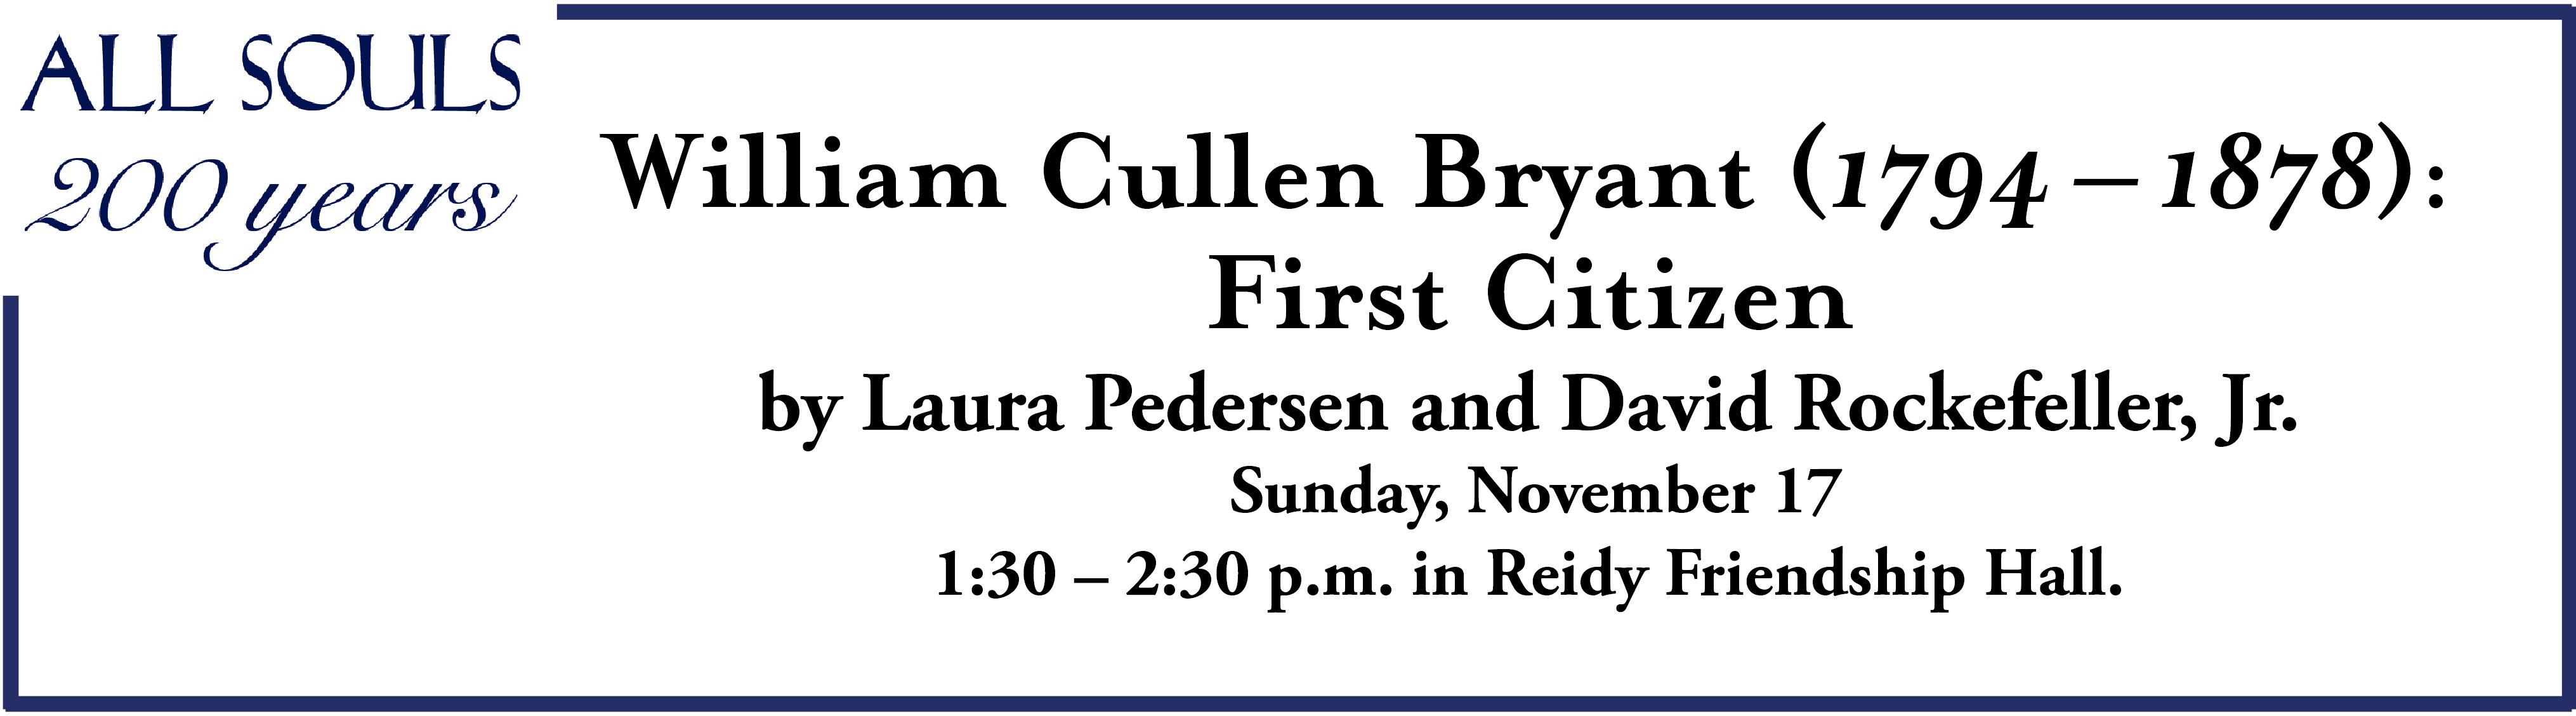 William Cullen Bryant (1794 – 1878): First Citizen by Laura Pedersen and David Rockefeller, Jr. Sunday, November 17 1:30 – 2:30 p.m. in Reidy Friendship Hall.